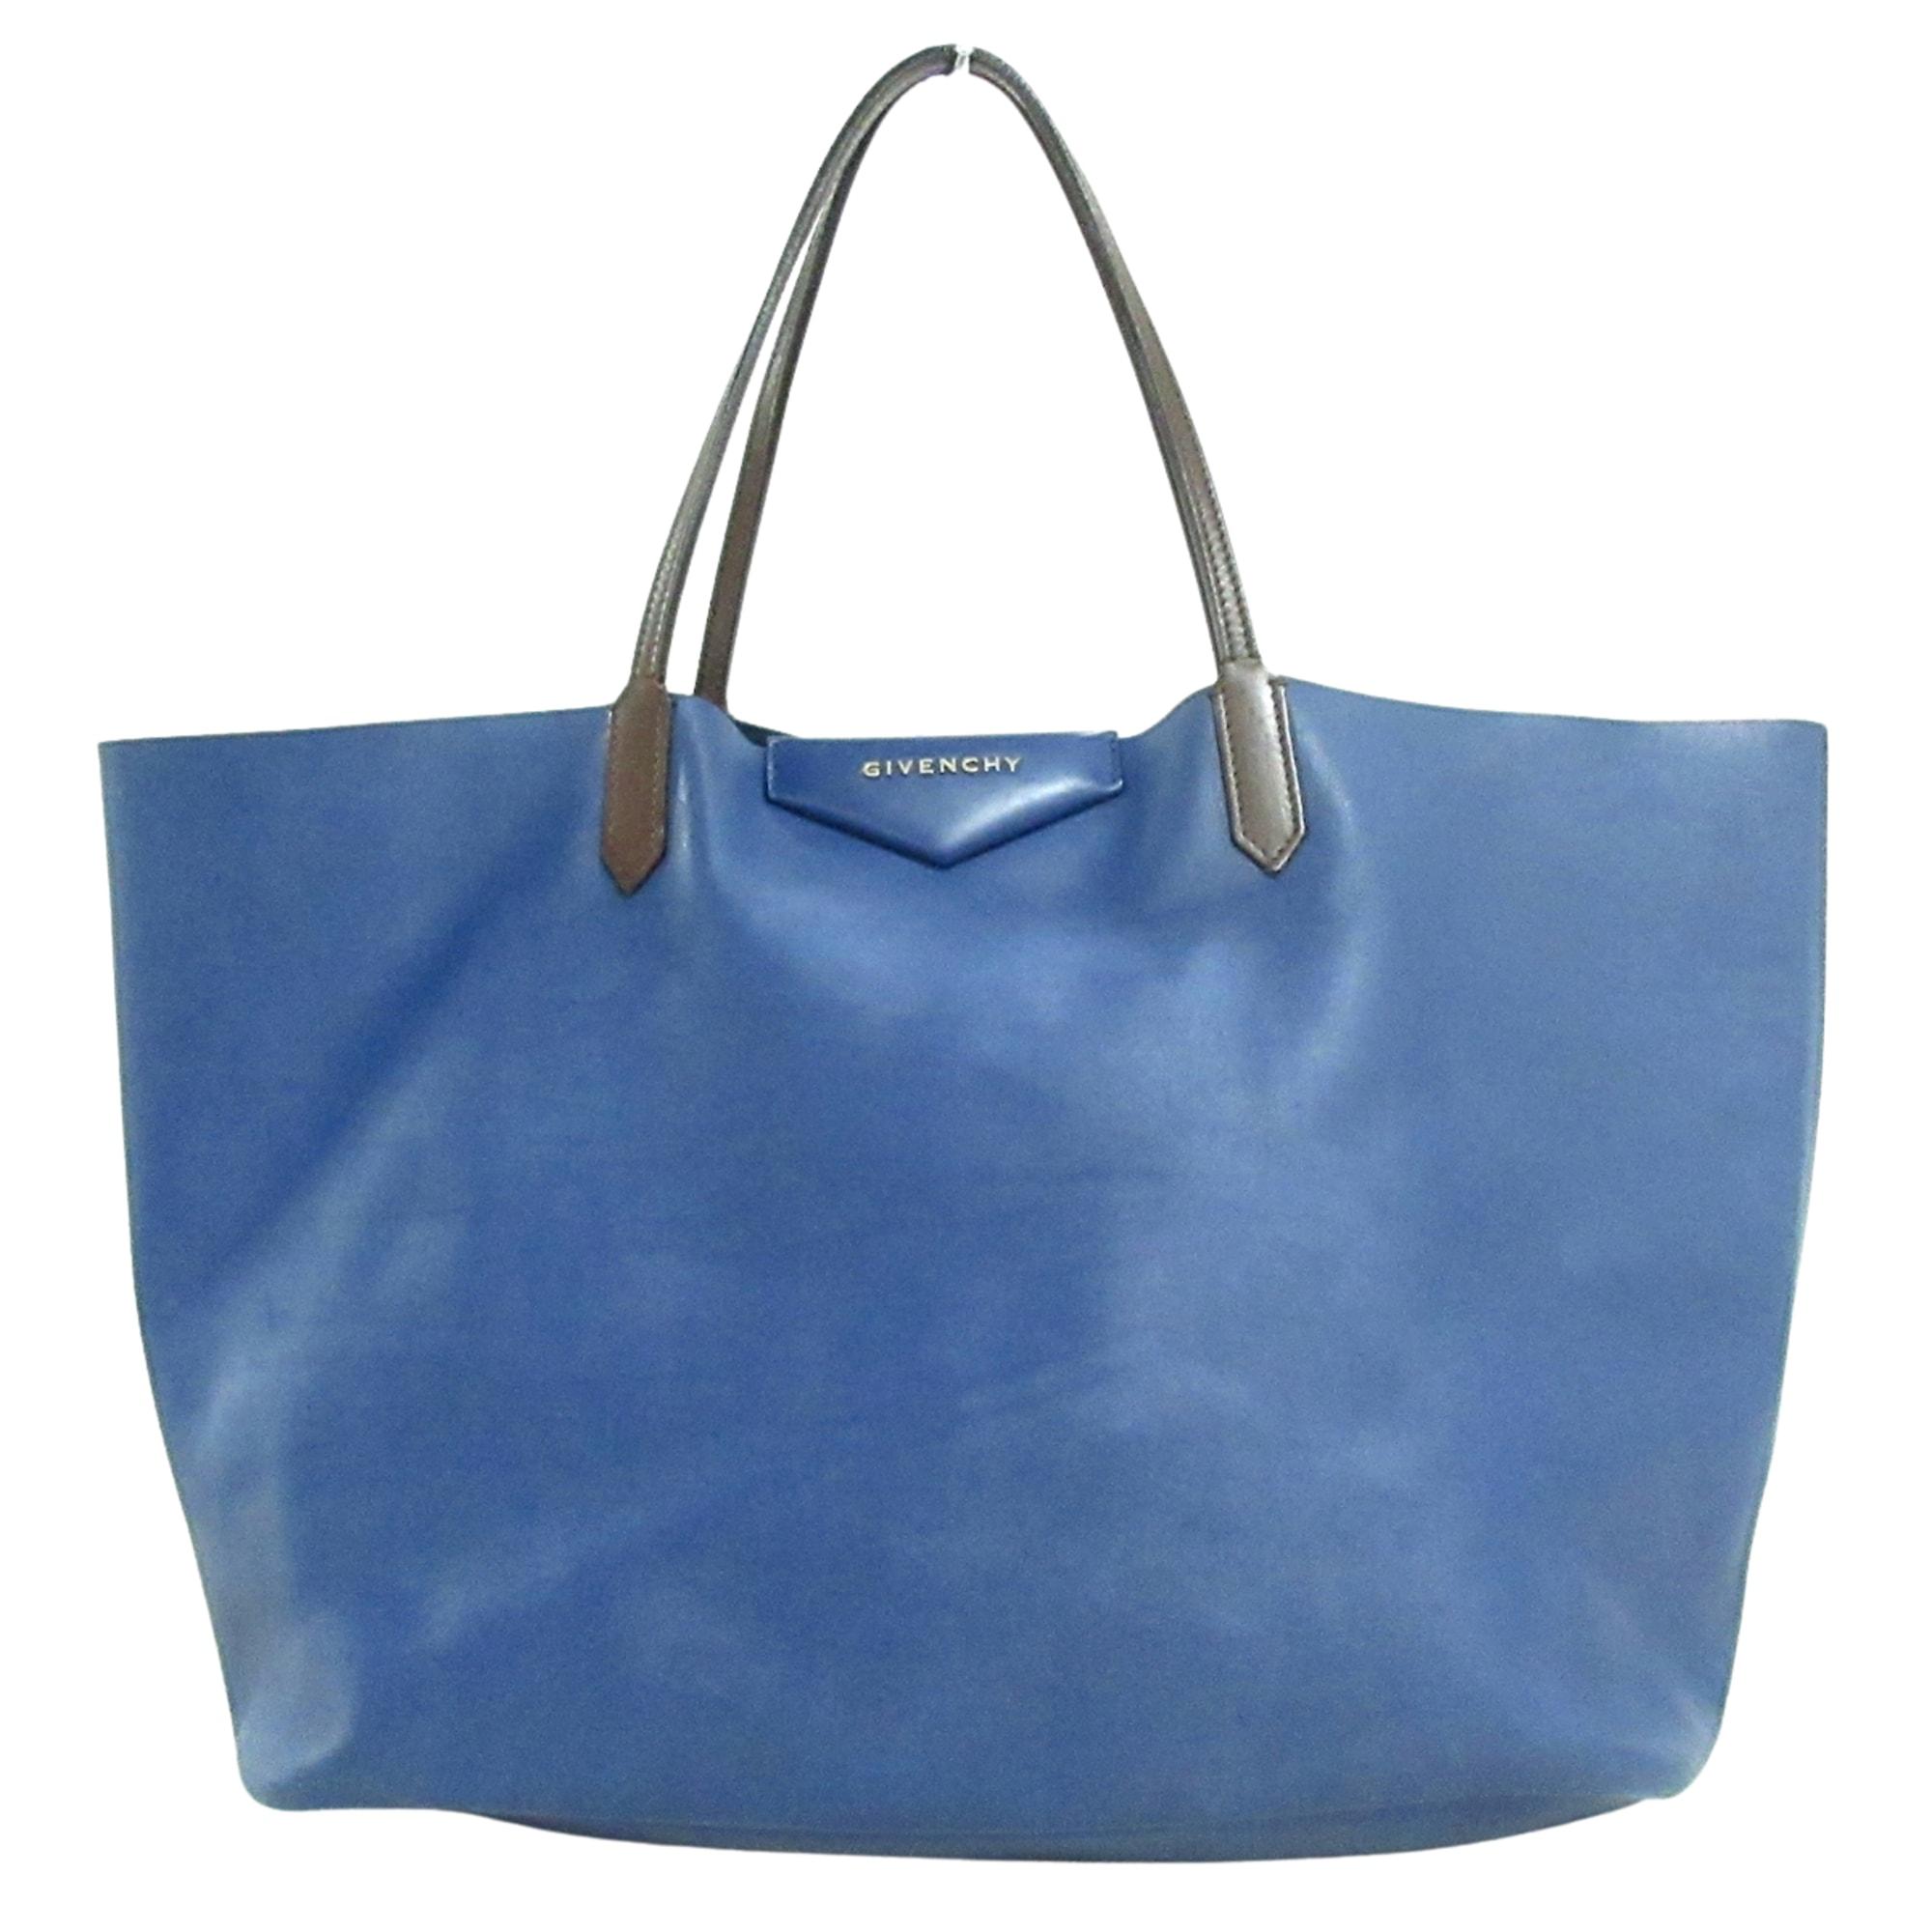 Ledertasche groß GIVENCHY Blau, marineblau, türkisblau